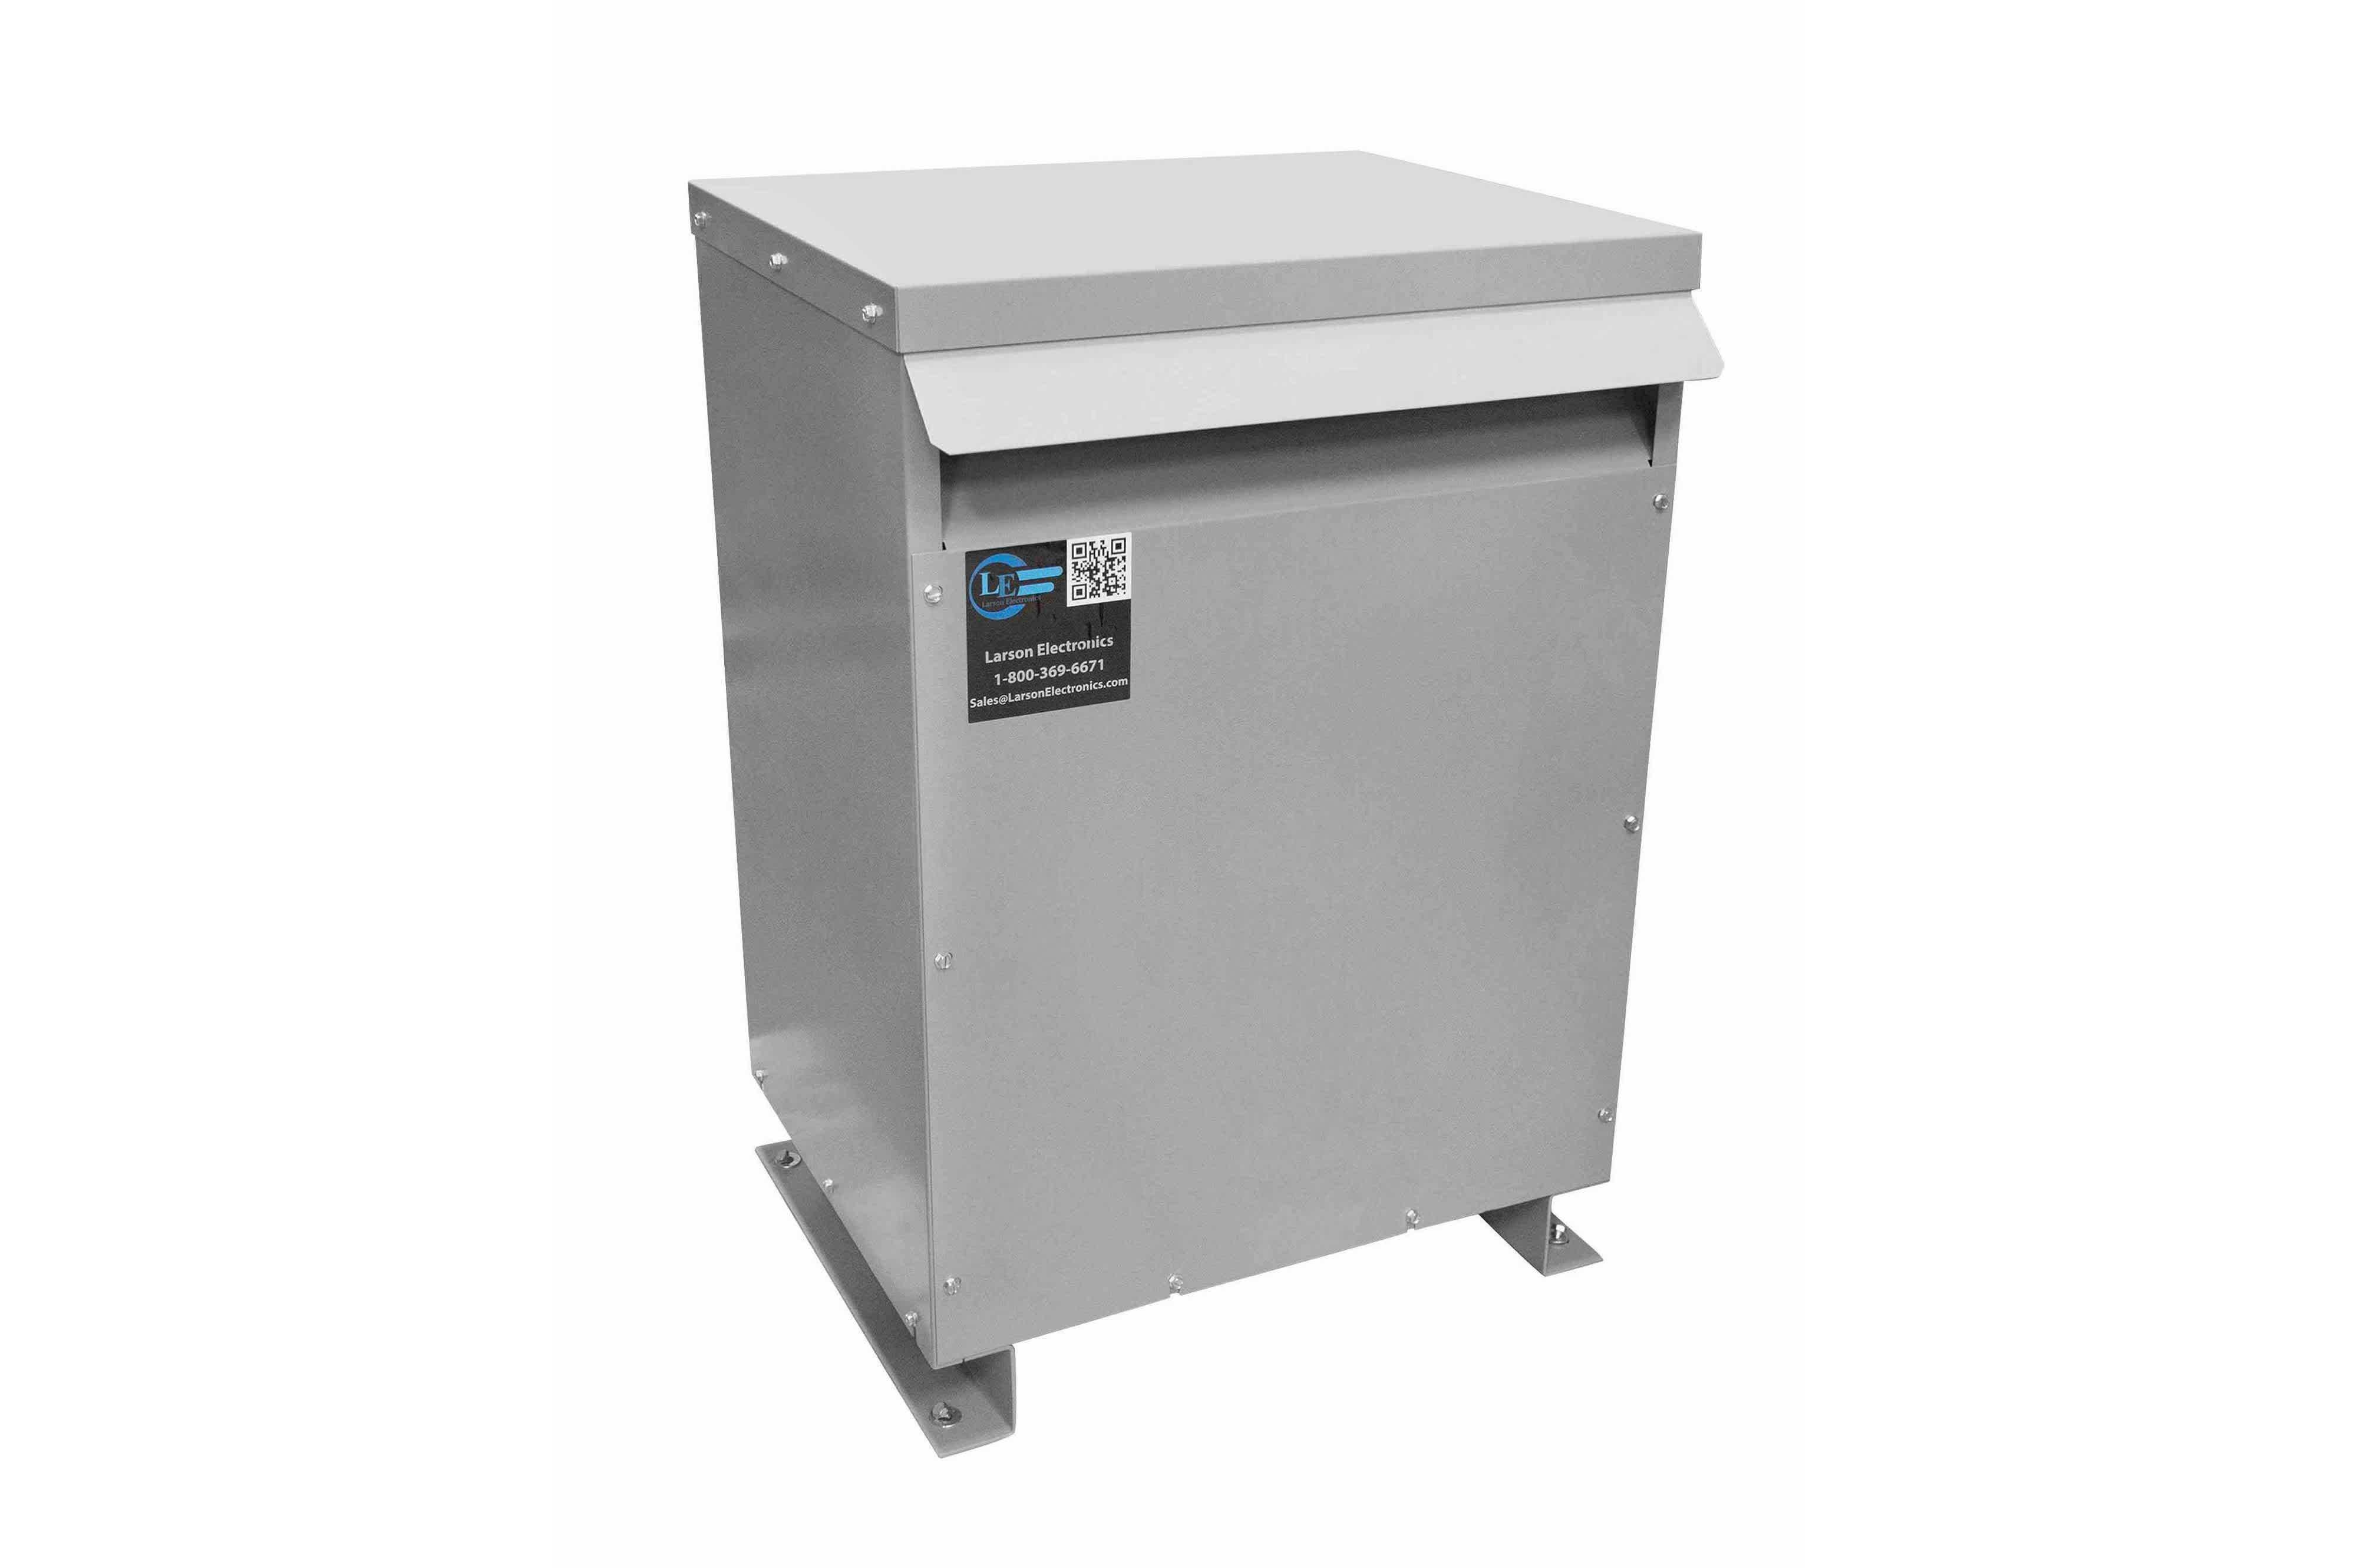 47.5 kVA 3PH Isolation Transformer, 415V Delta Primary, 600V Delta Secondary, N3R, Ventilated, 60 Hz